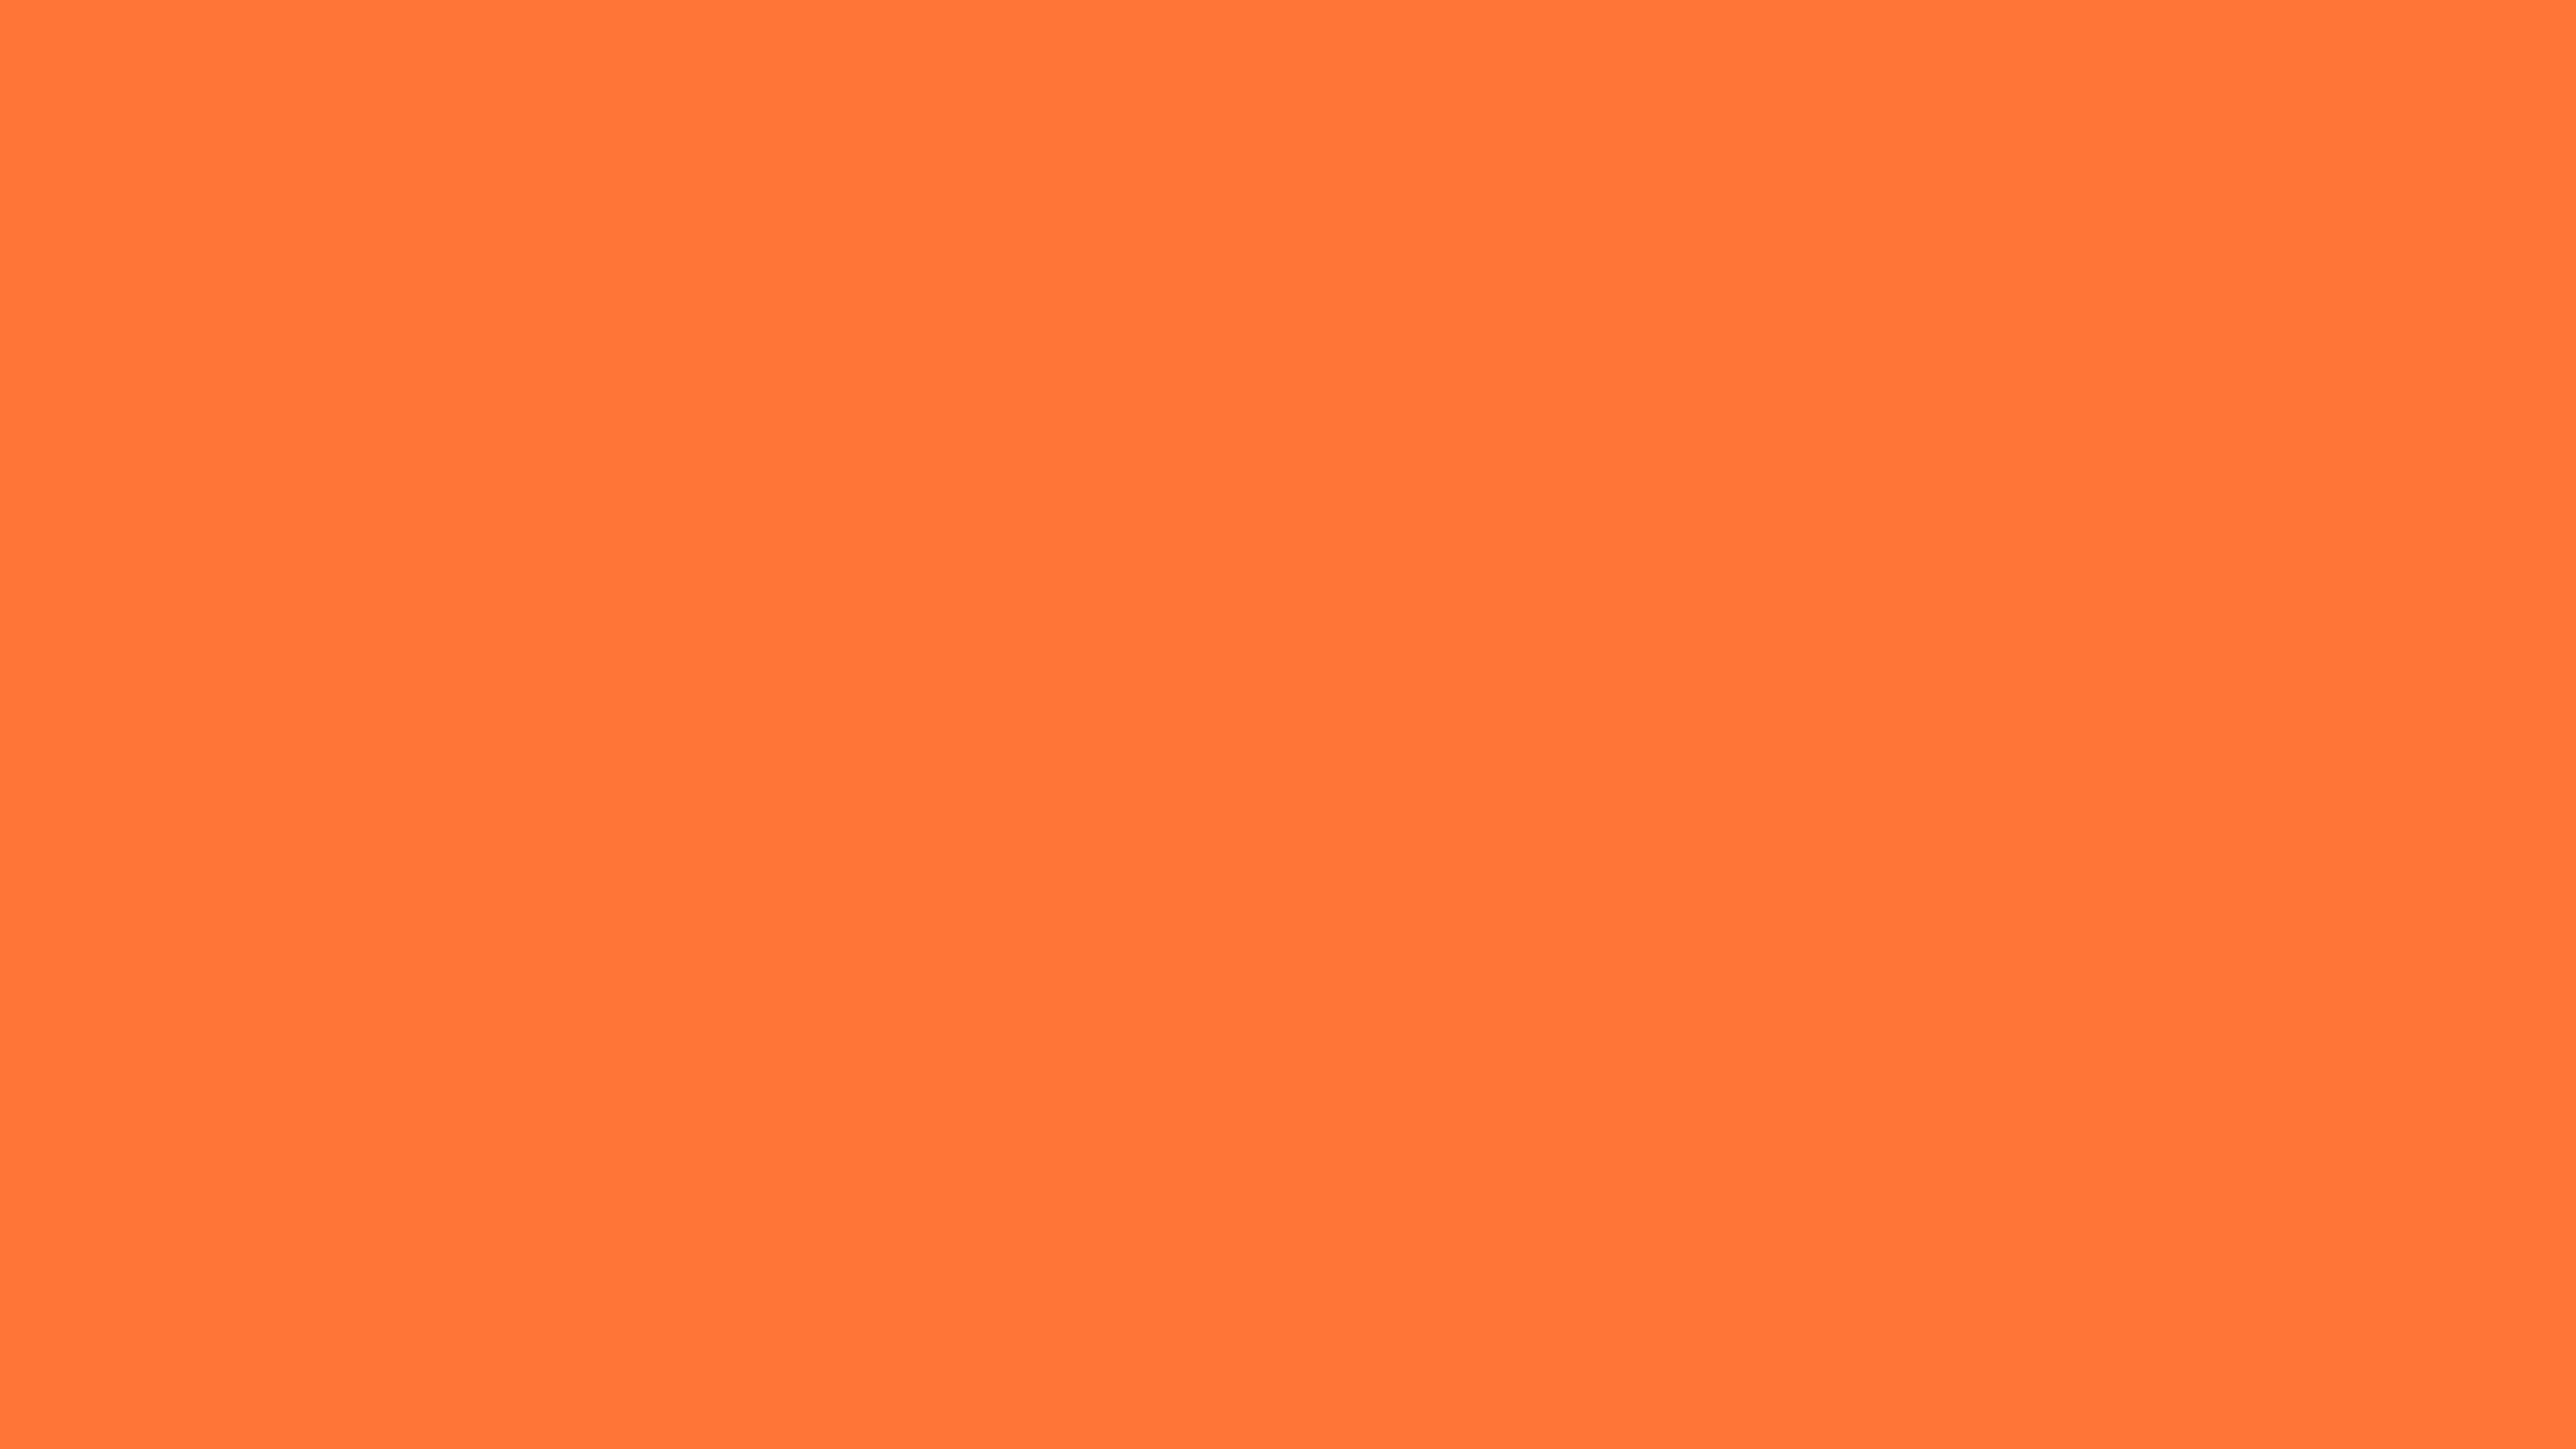 3840x2160 Orange Crayola Solid Color Background